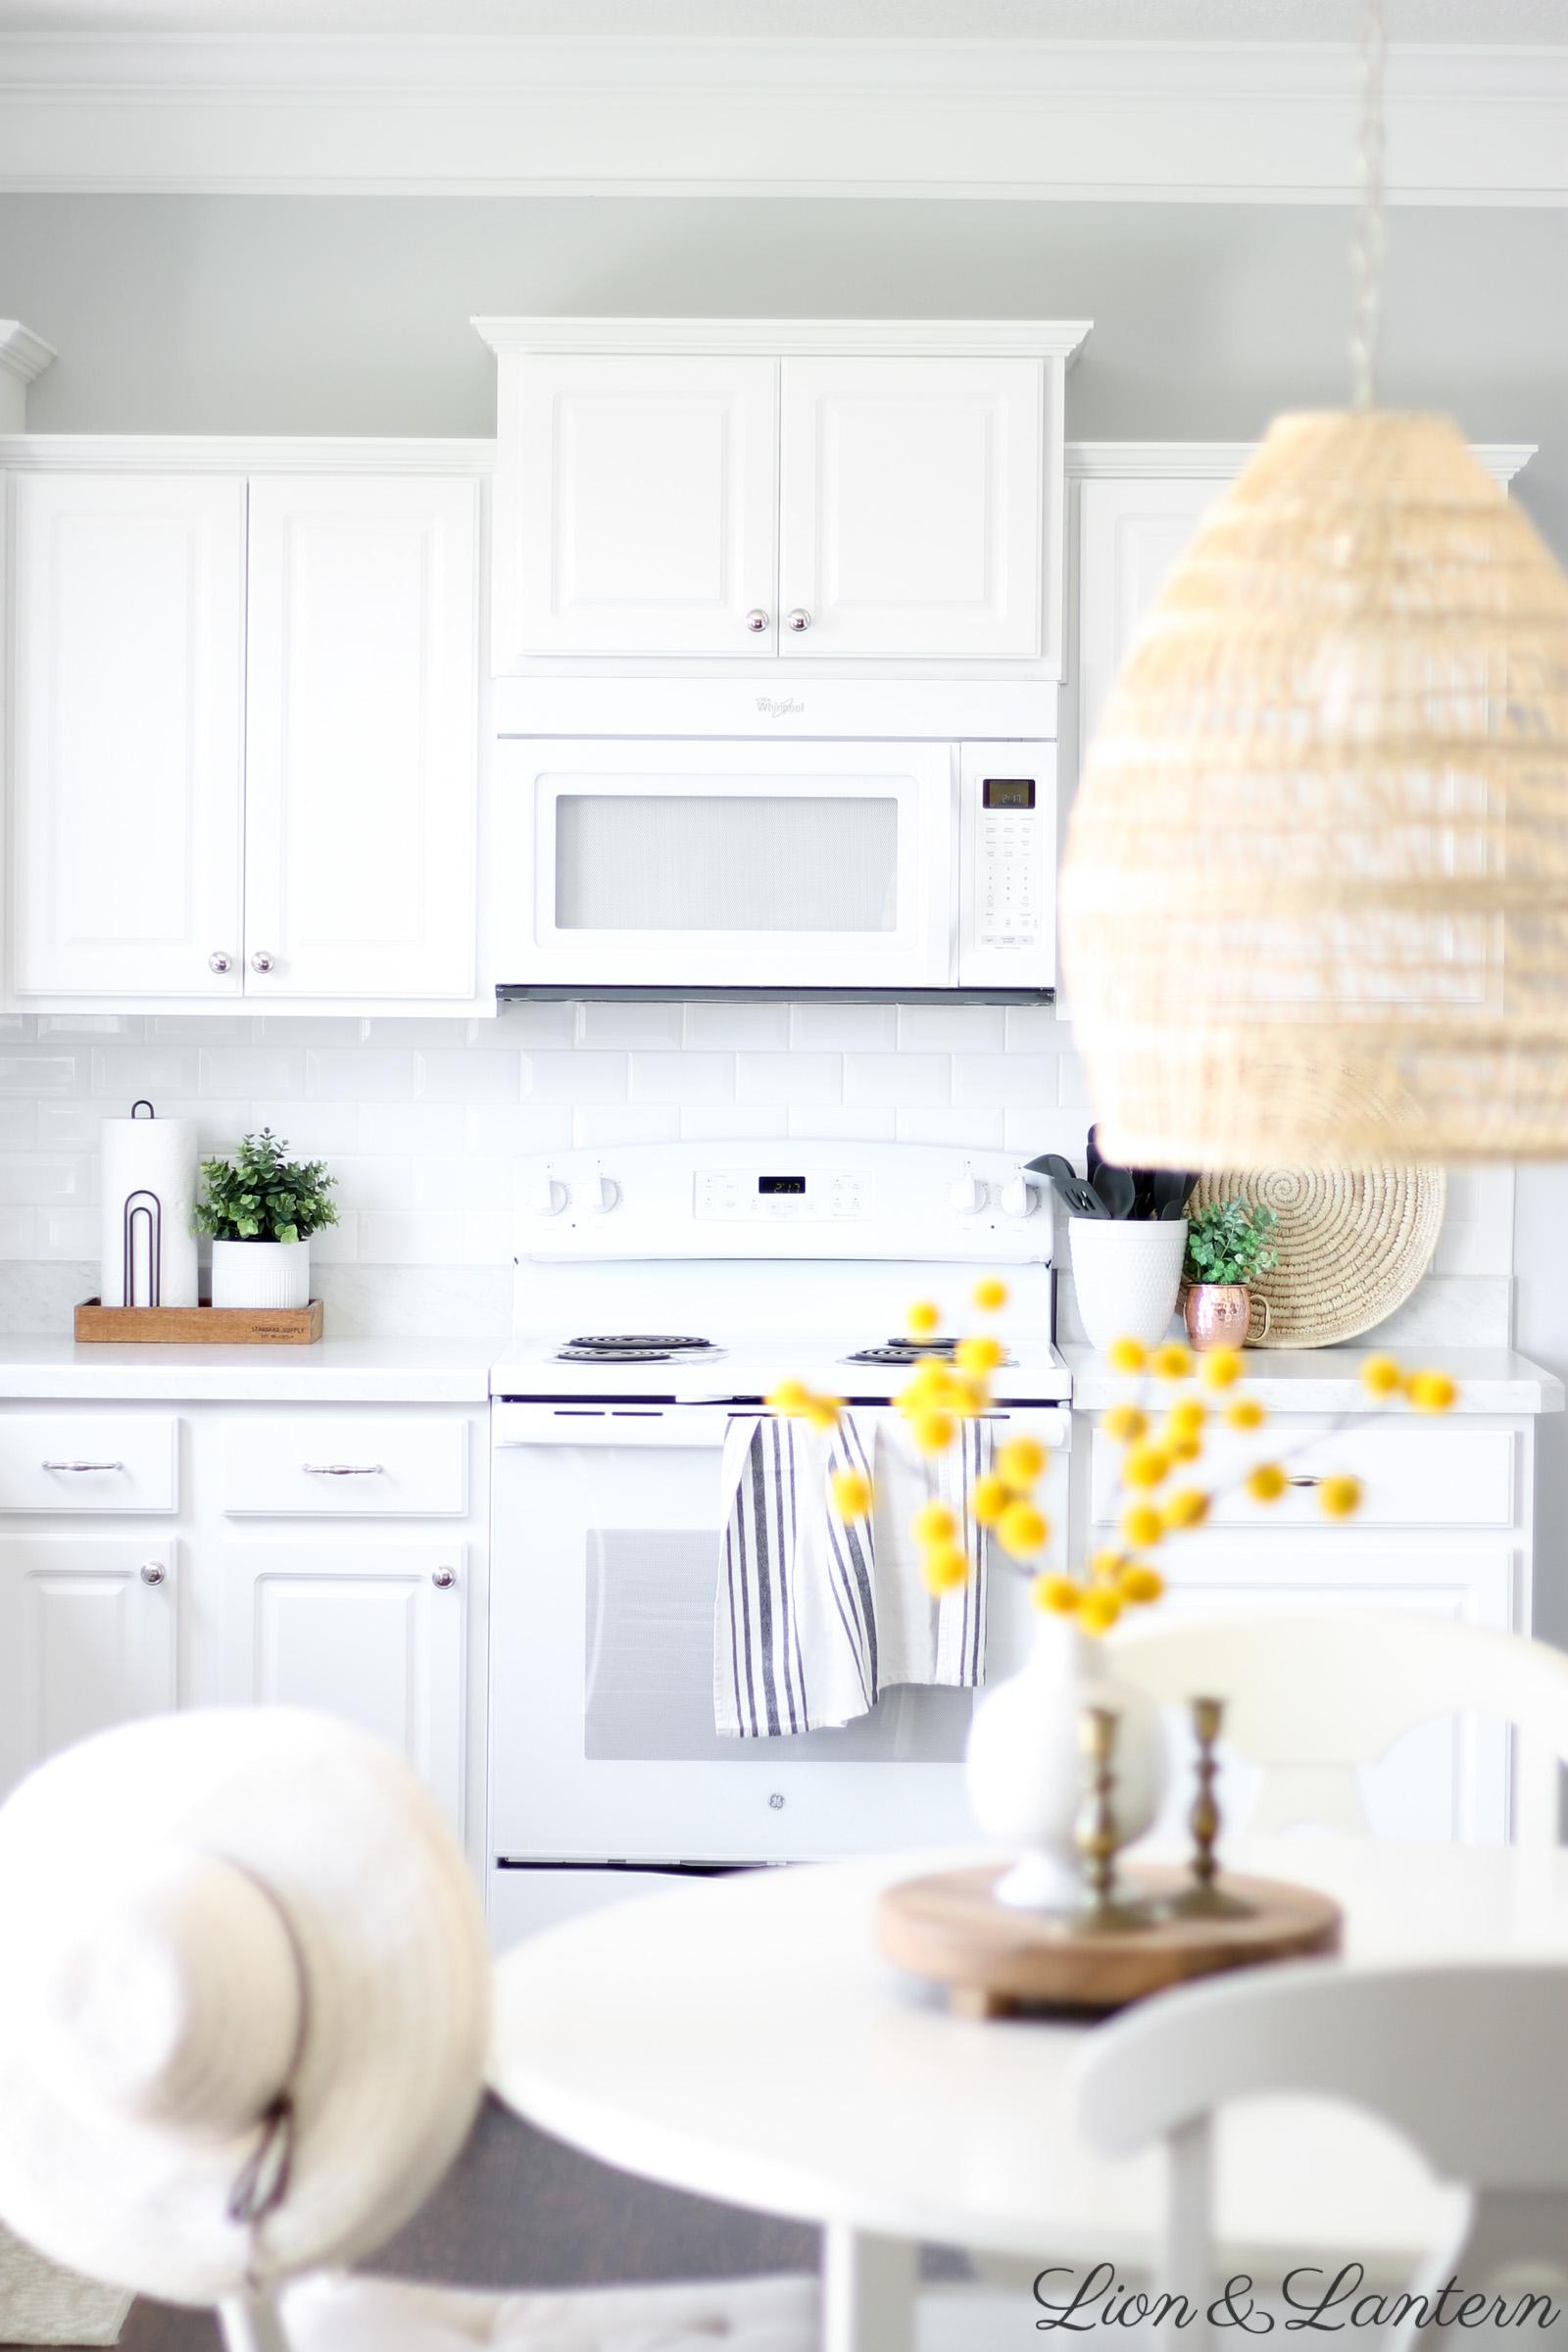 Fall Kitchen & New Textured Pendant Light at LionAndLantern.com | fall decor, autumn decor, fall inspiration, white subway tile, white kitchen, white appliances, seagrass tray